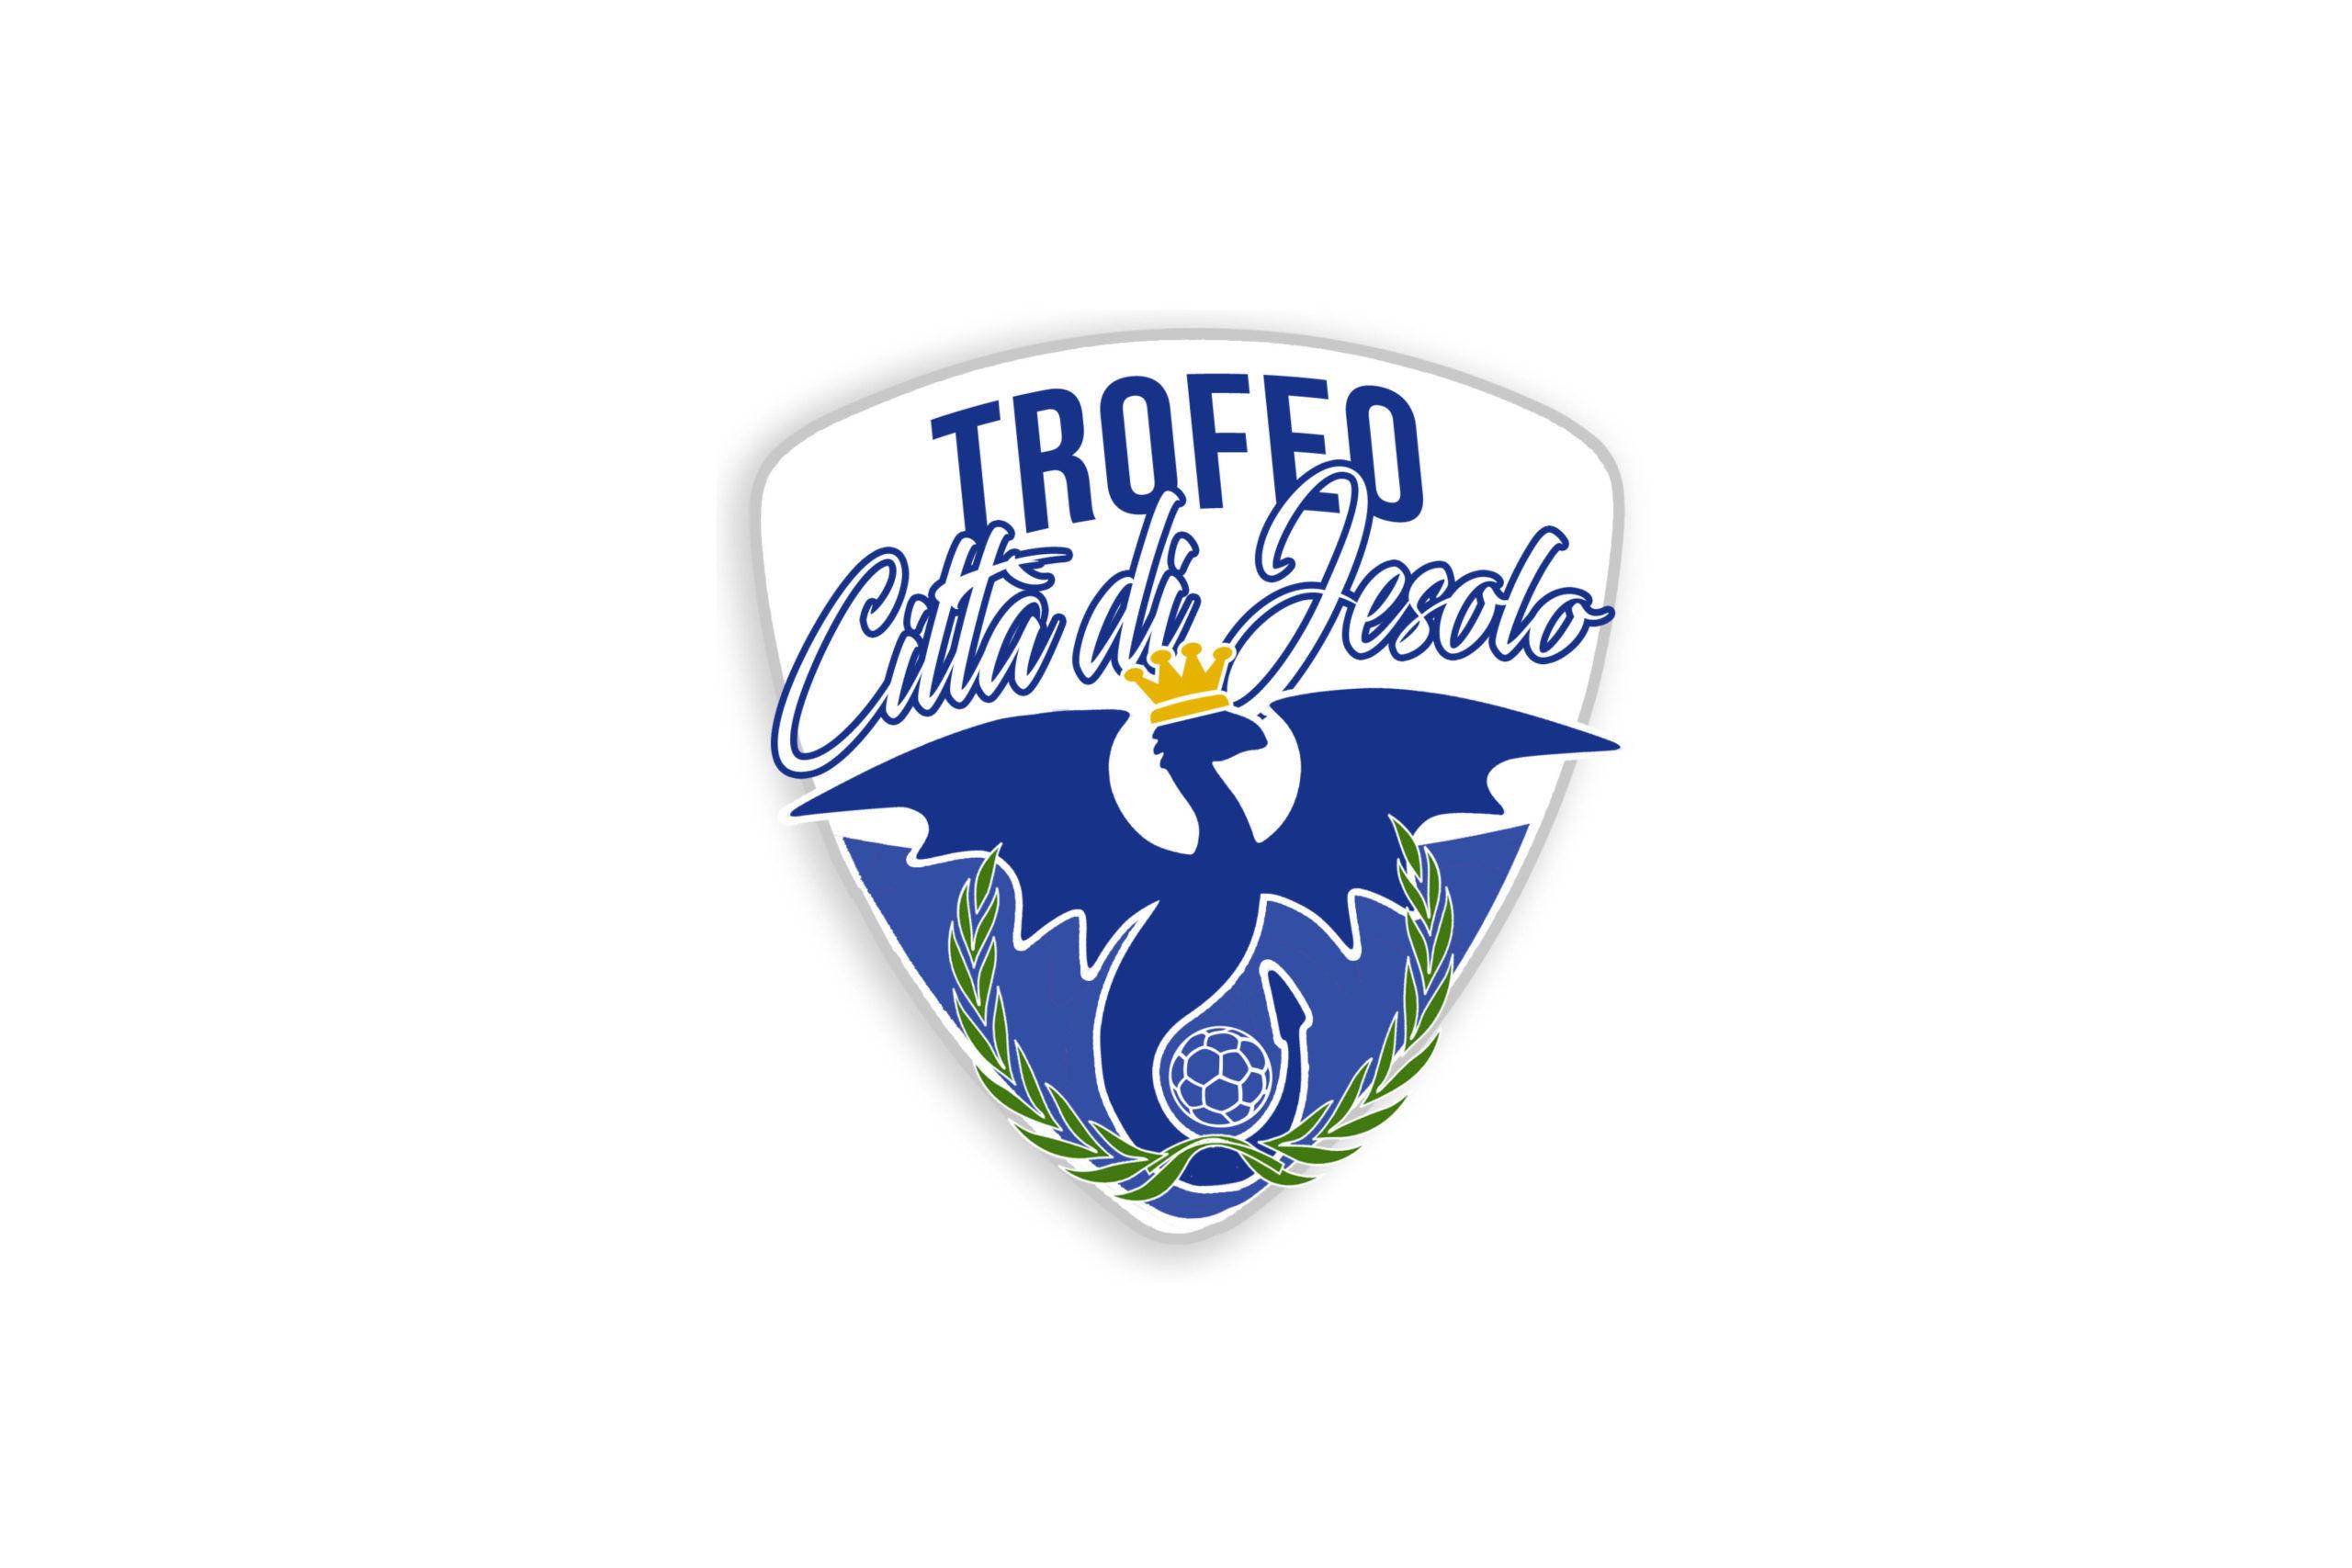 Trofeo Città di Jesolo